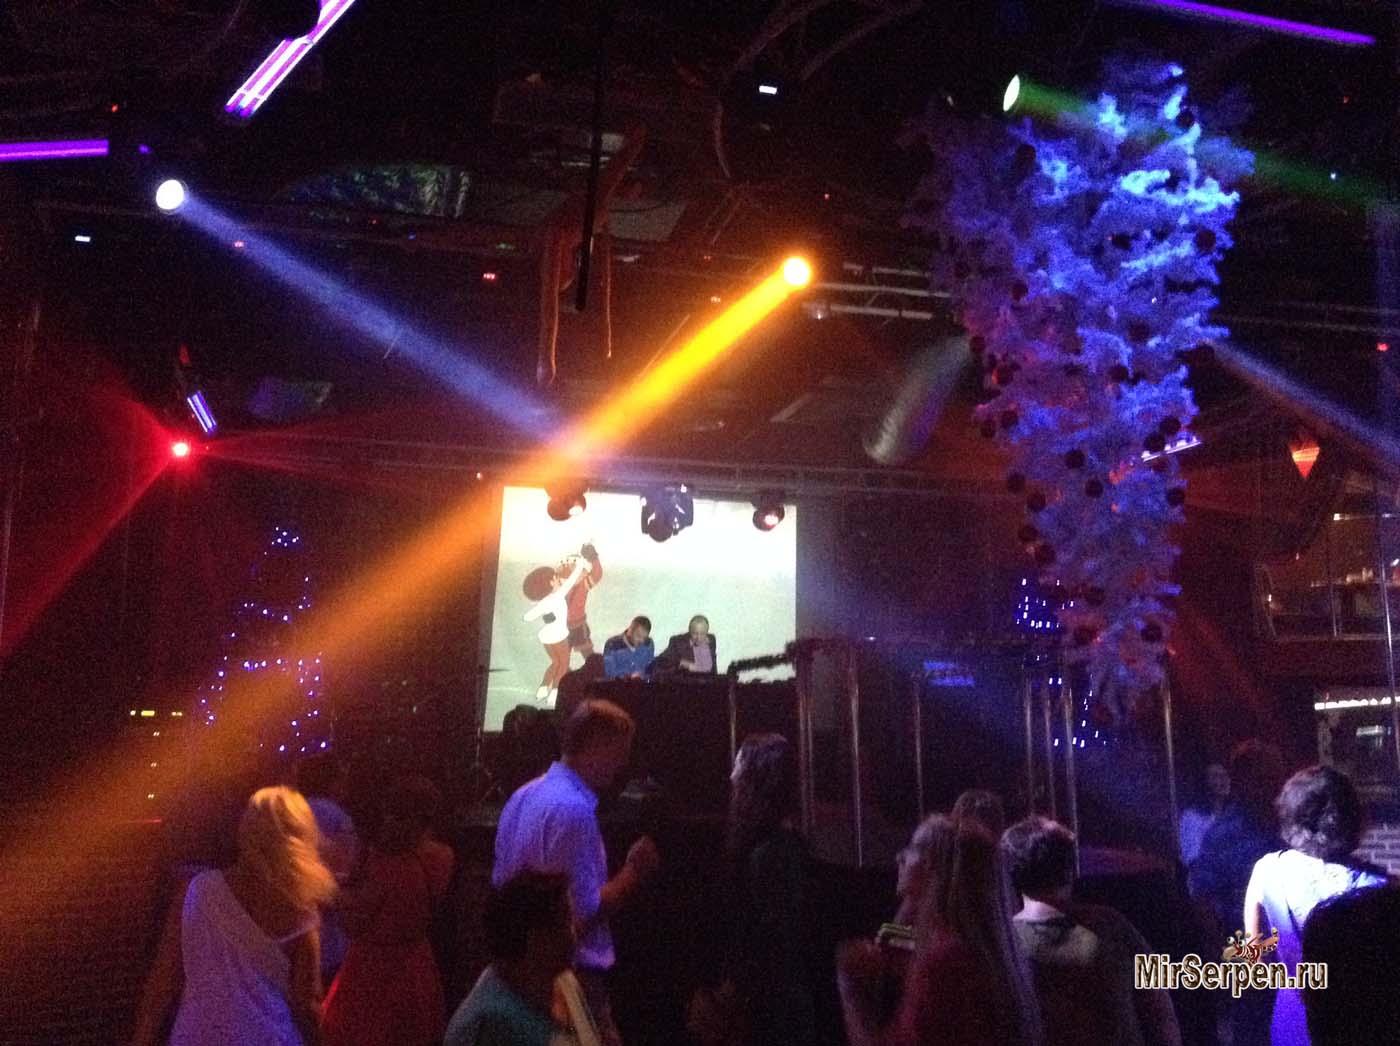 Празднование Нового года во Вьетнаме